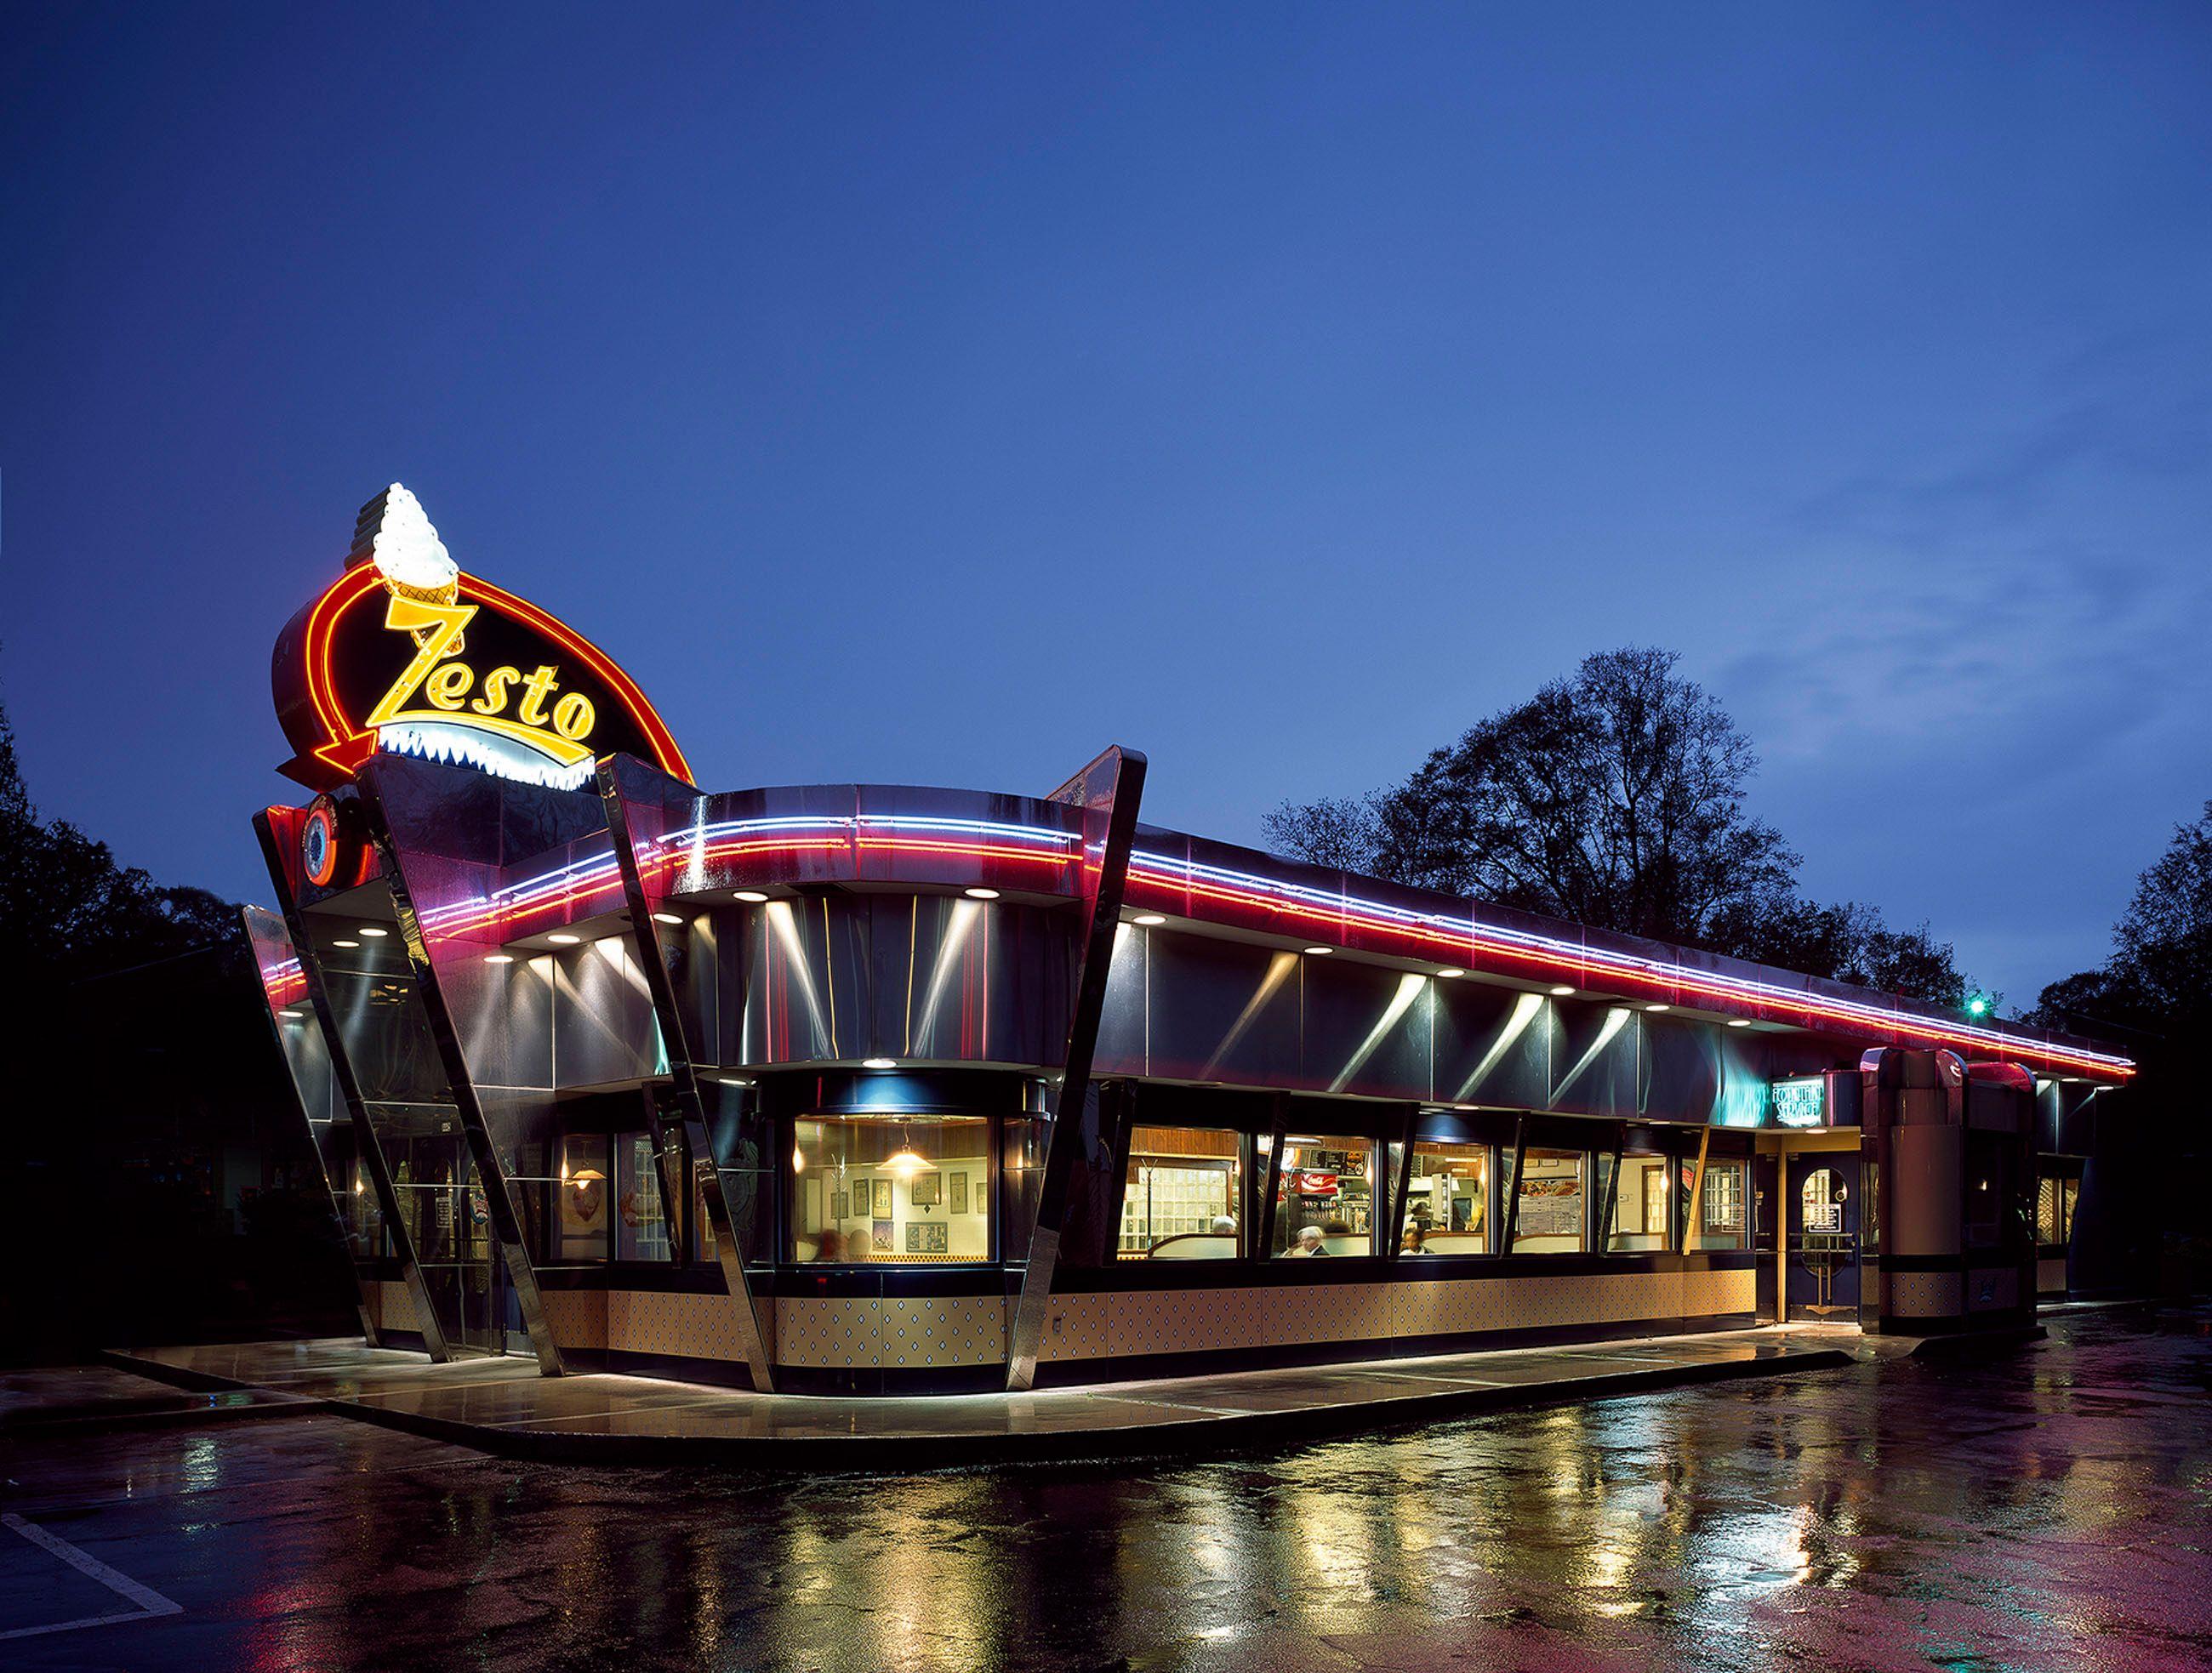 Zesto Diner Atlanta, GA USA